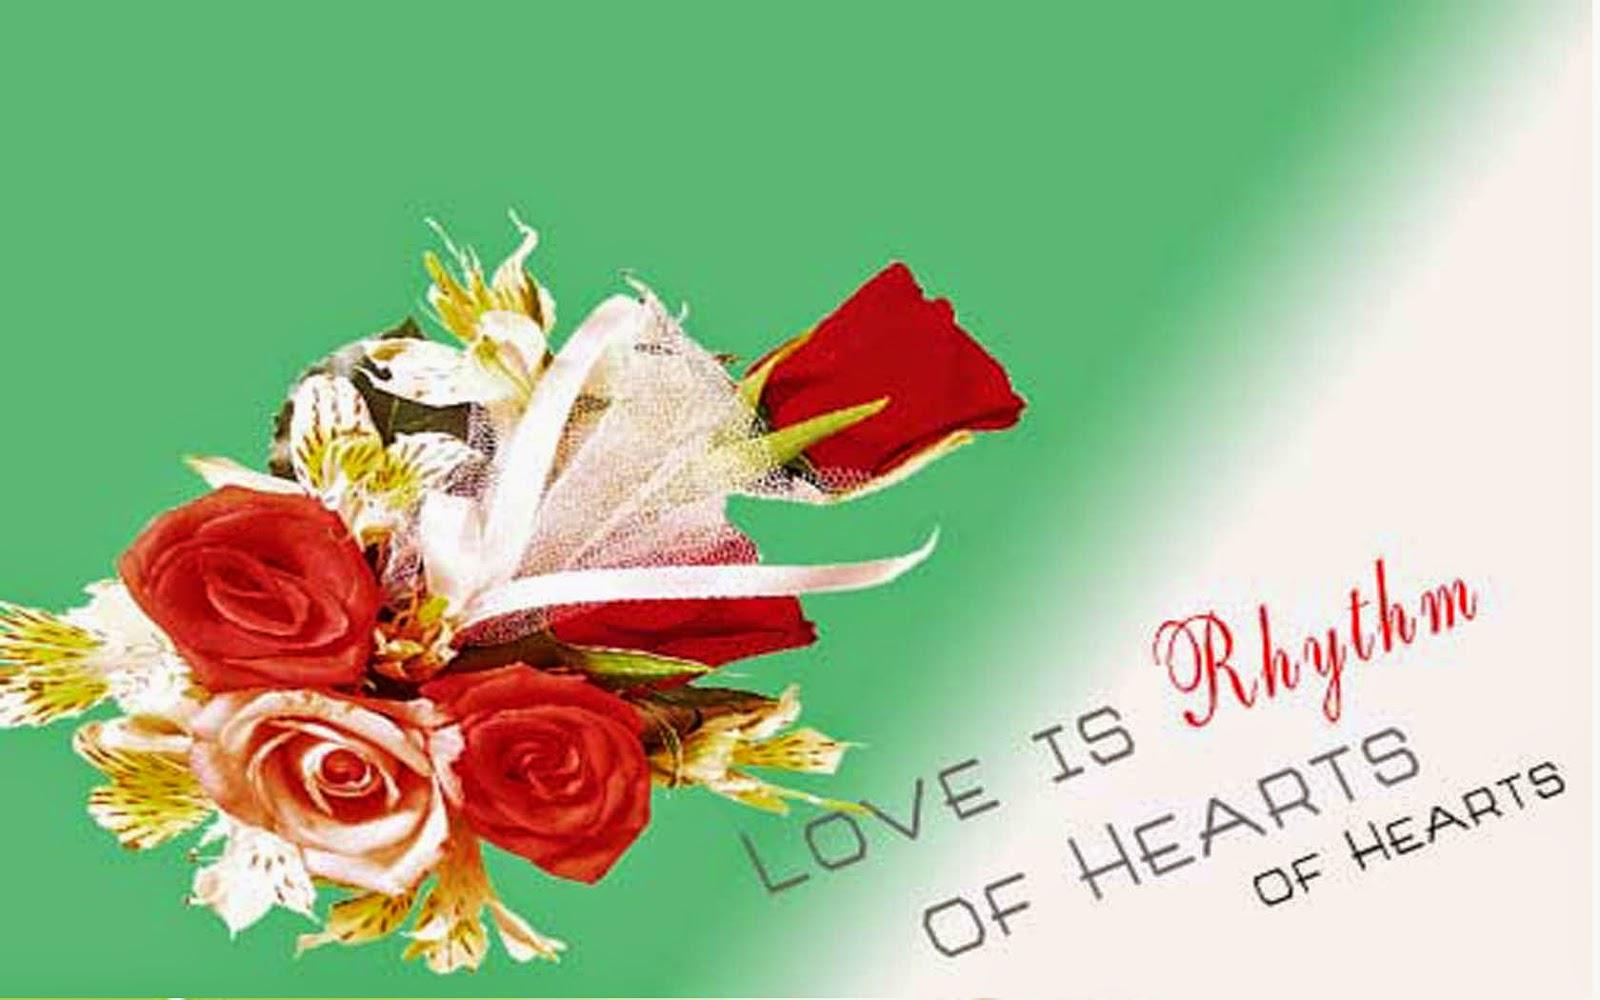 love-is-rhythm-hd-image